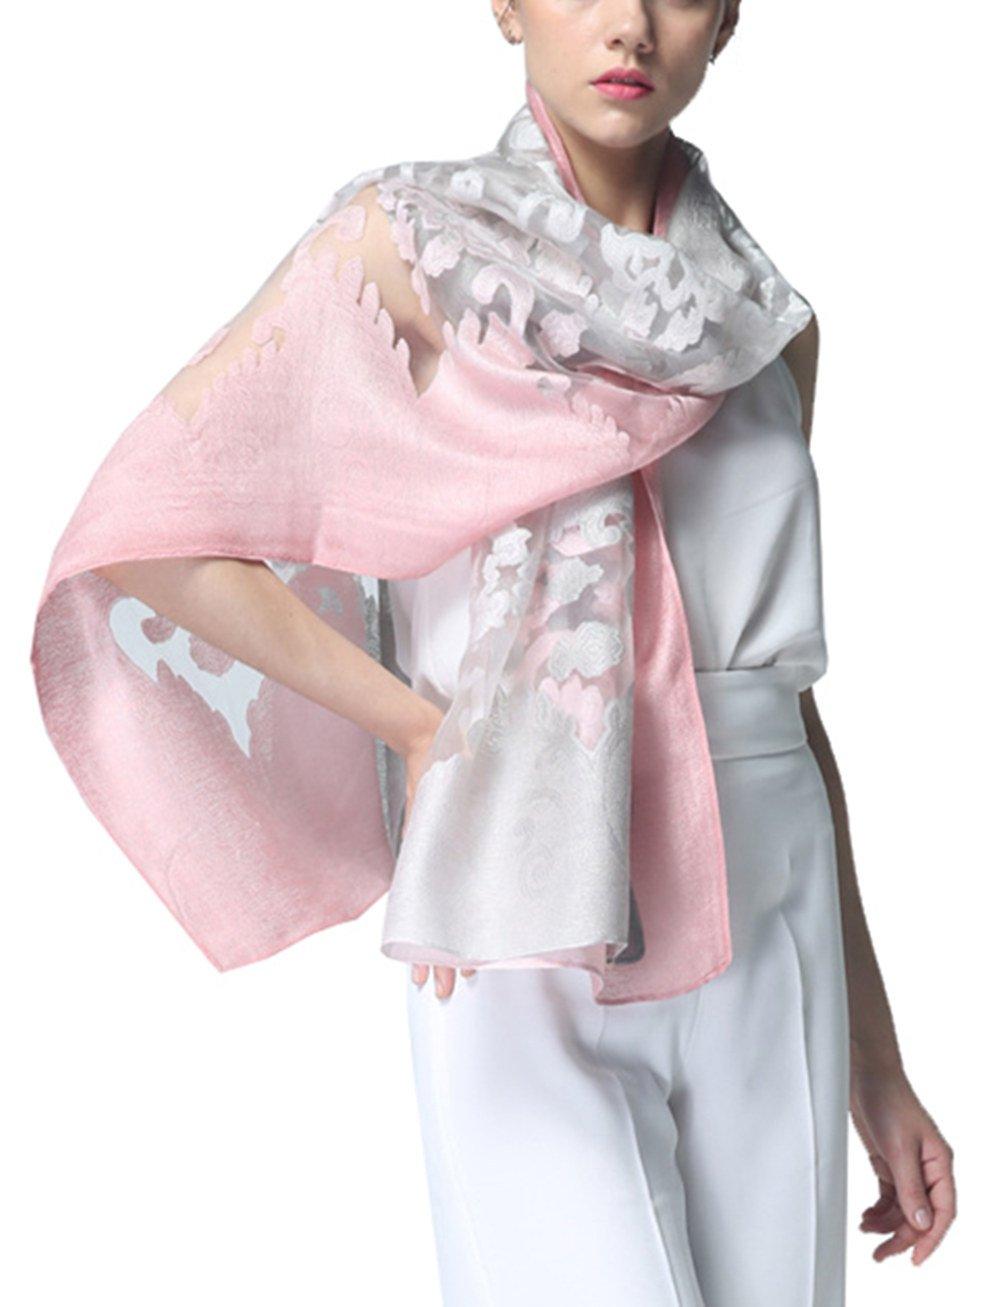 Bestfort Echarpe Foulard Femme Ajouré Couleur de Dégradé Anti uv Coloré En Soie  Coton Laine Grand 183450b21da